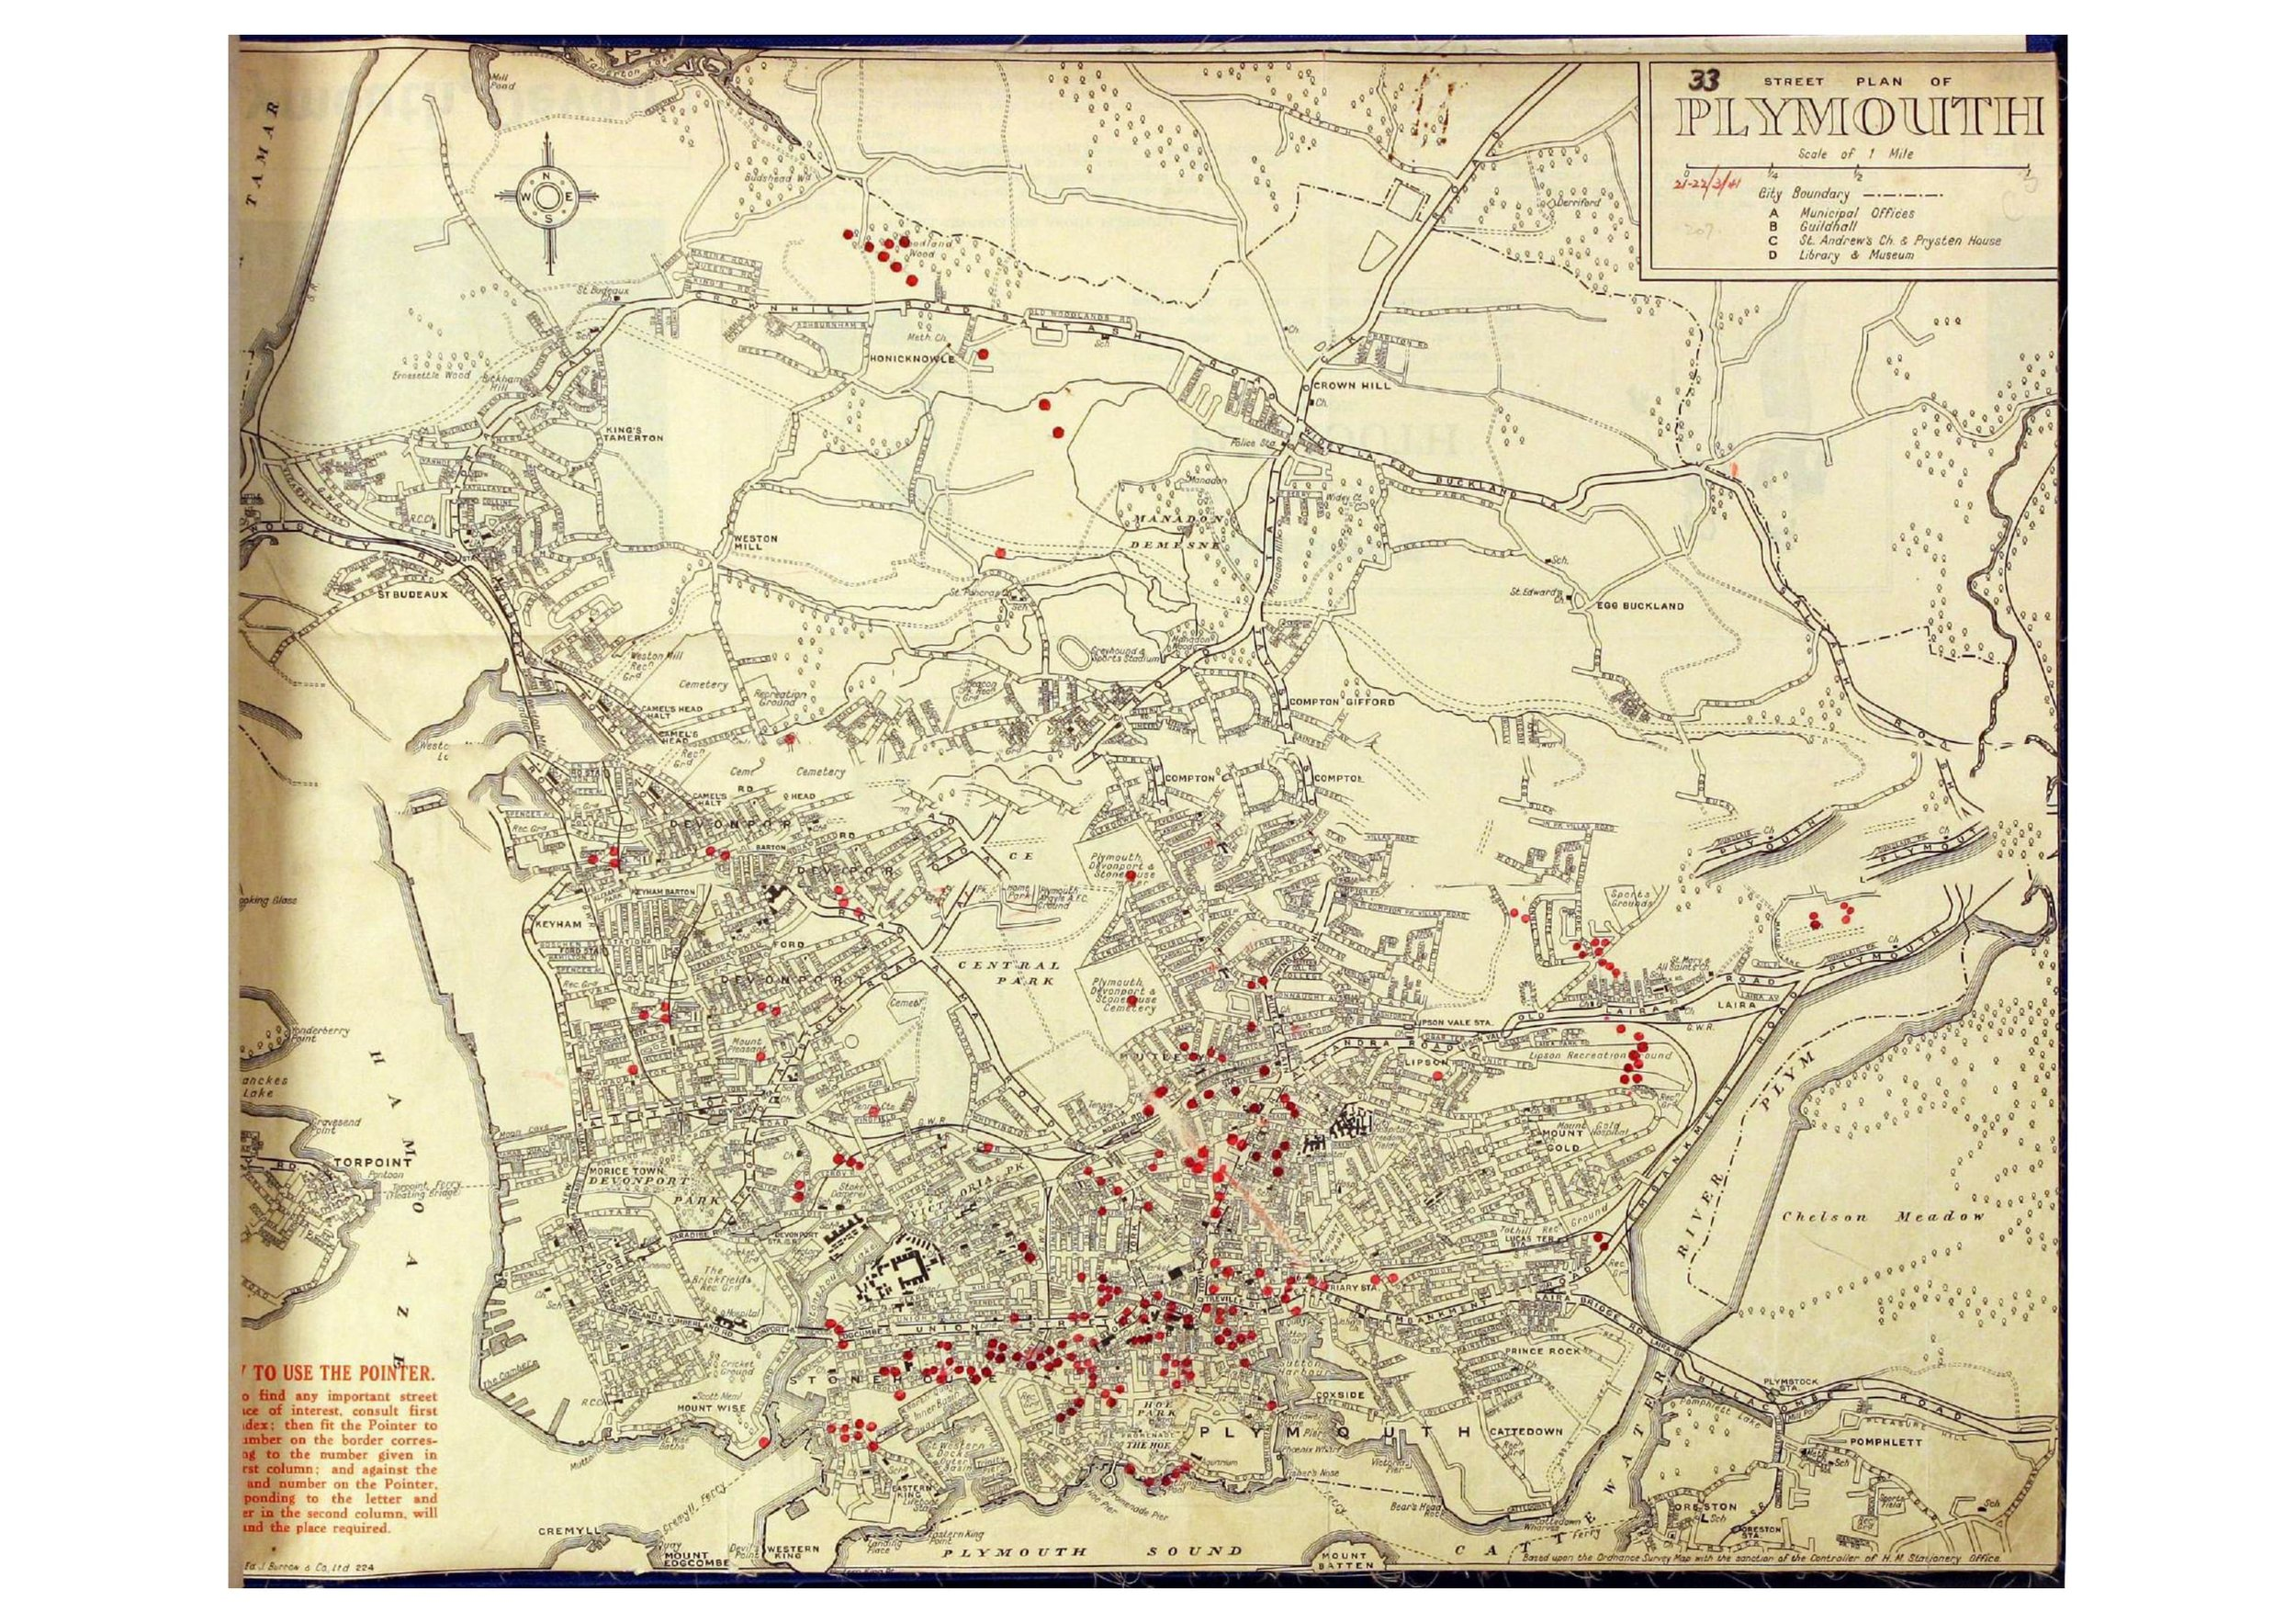 Plymouth air raids.compressed-07.jpg